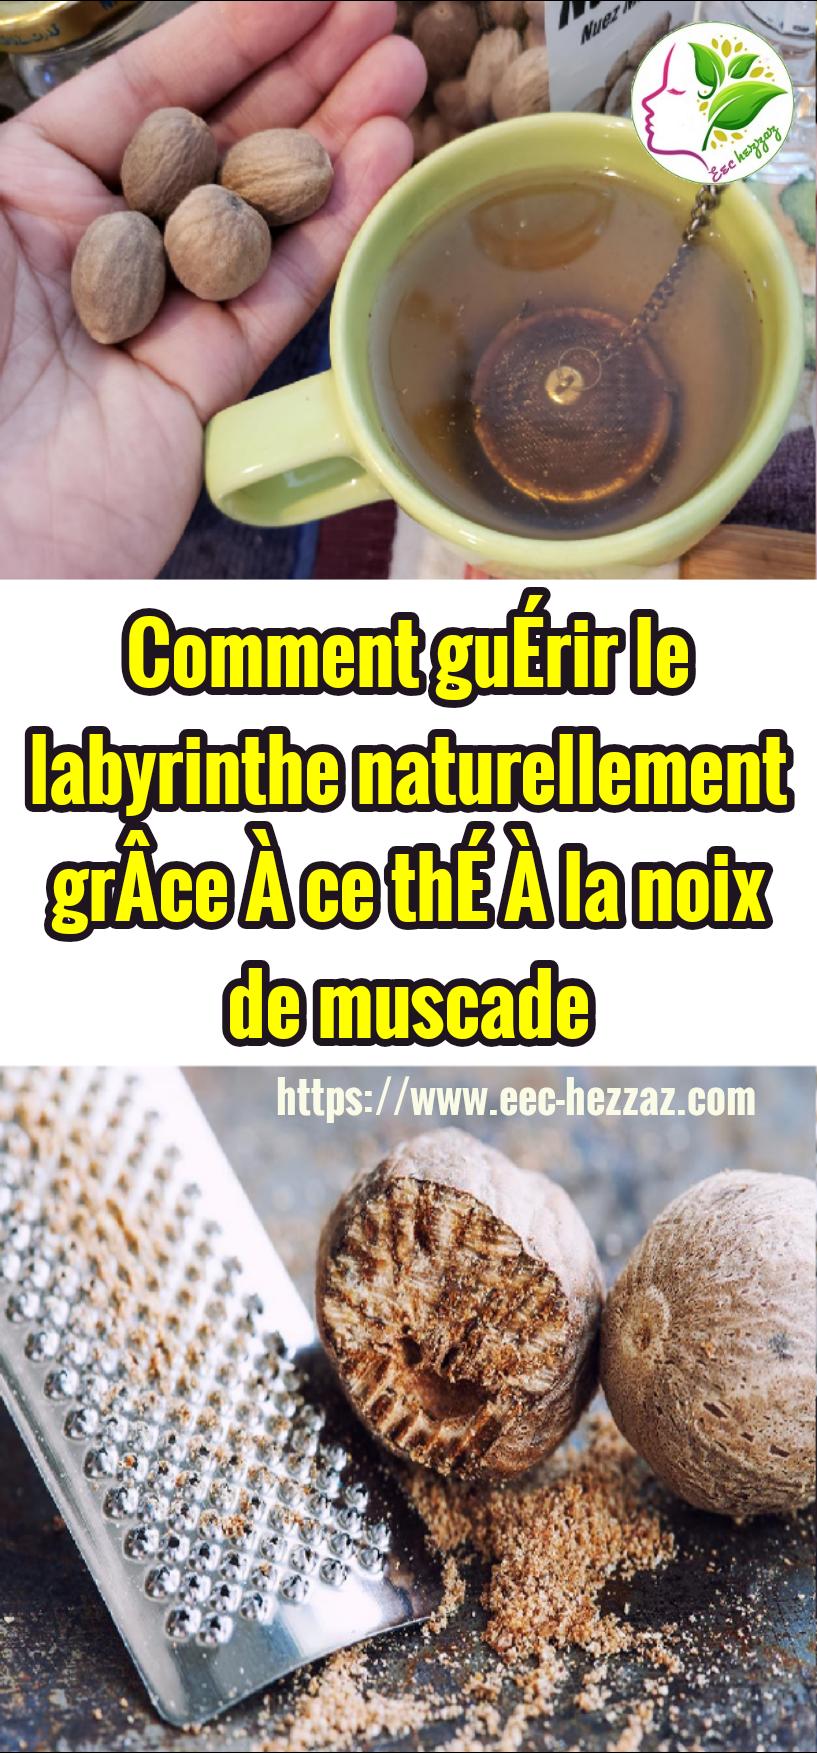 Comment guérir le labyrinthe naturellement grâce à ce thé à la noix de muscade